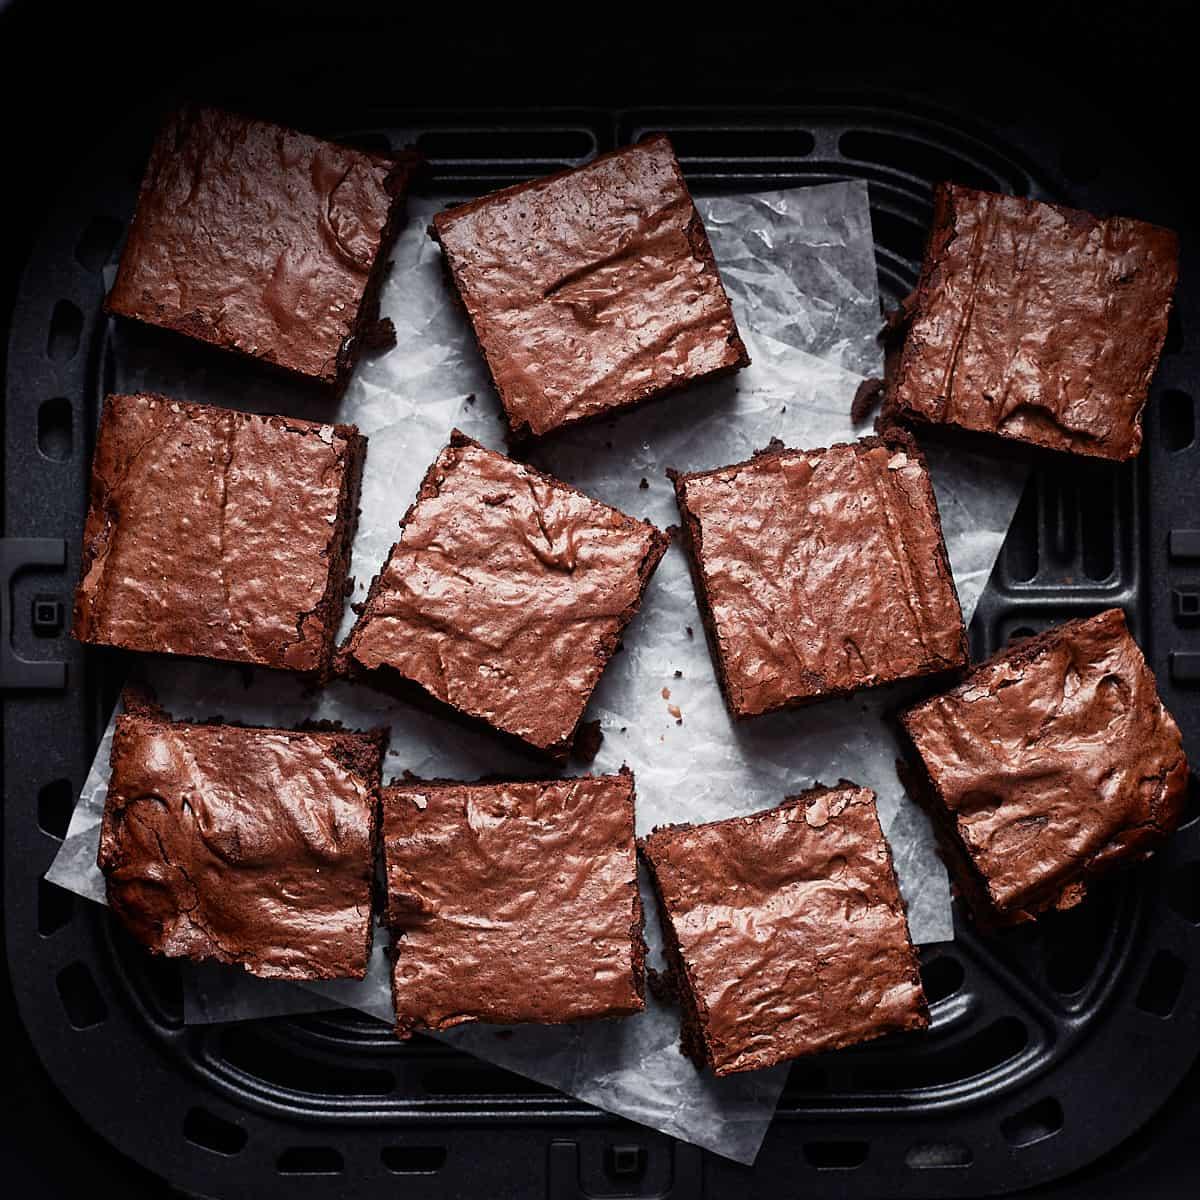 Cut brownie slices in an air fryer basket